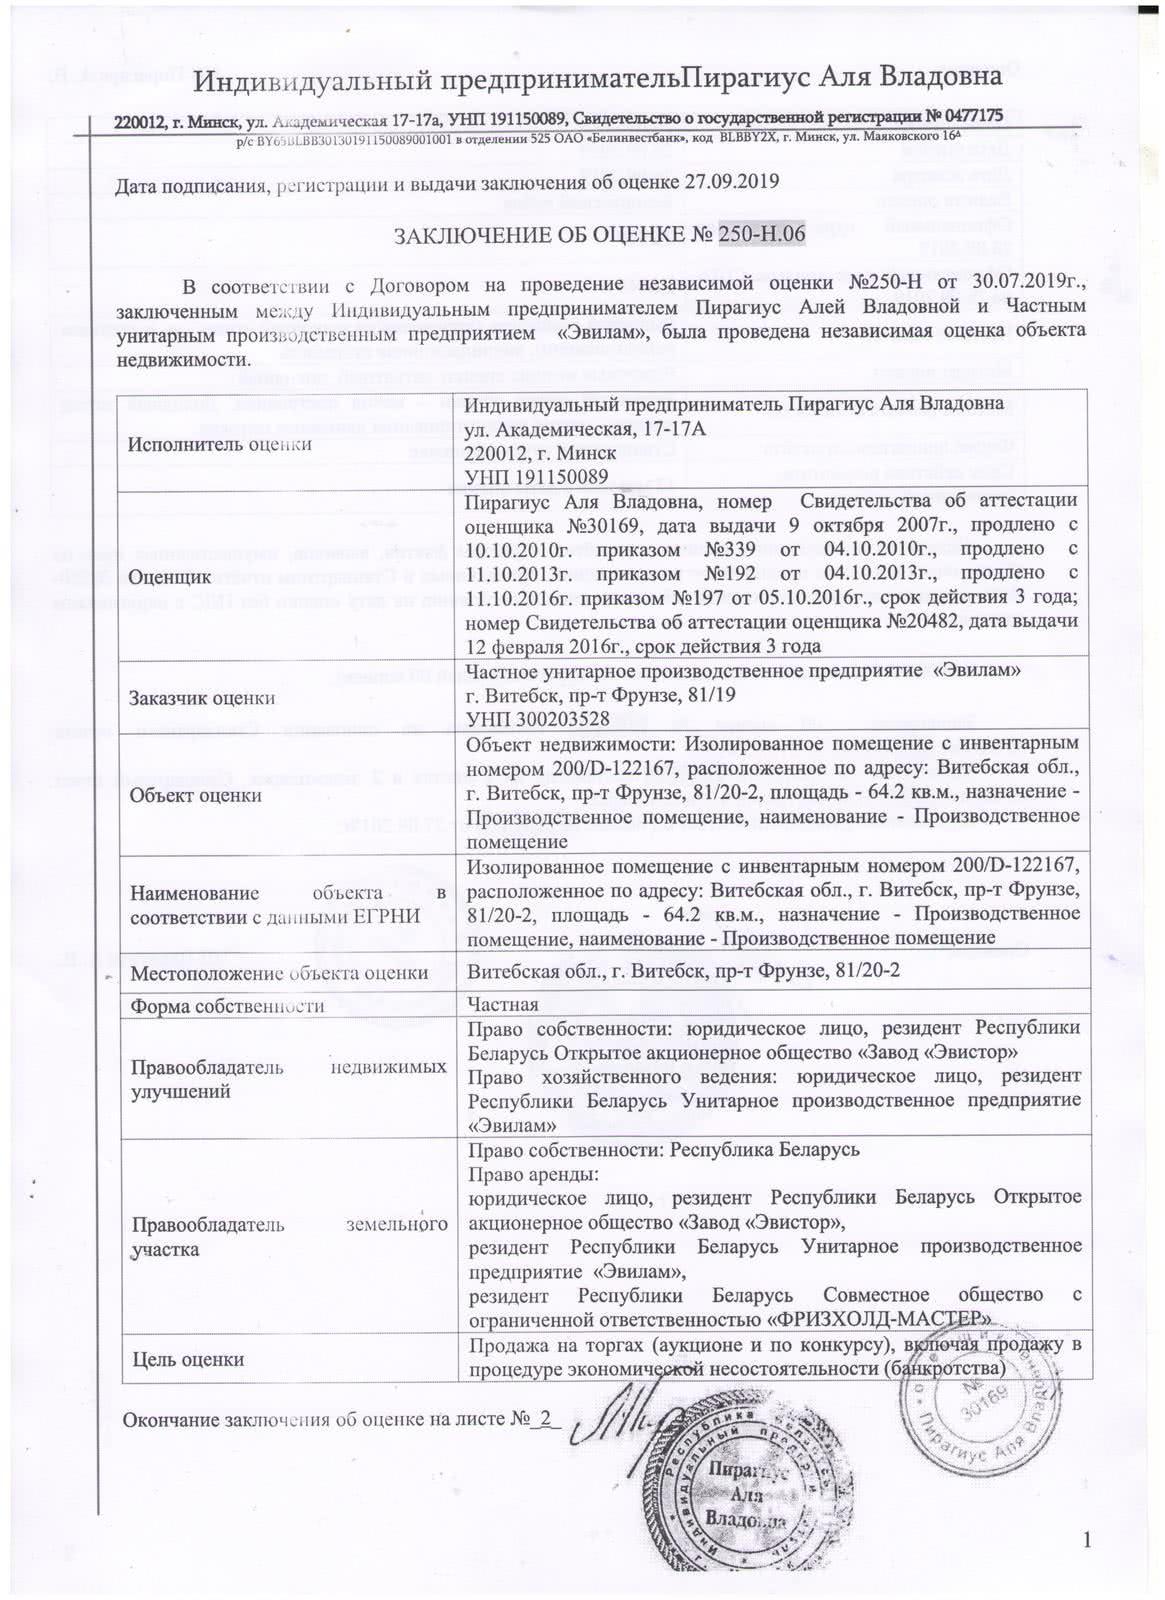 Аукцион по продаже недвижимости пр-т Фрунзе, 81/20-2 в Витебске - фото 6